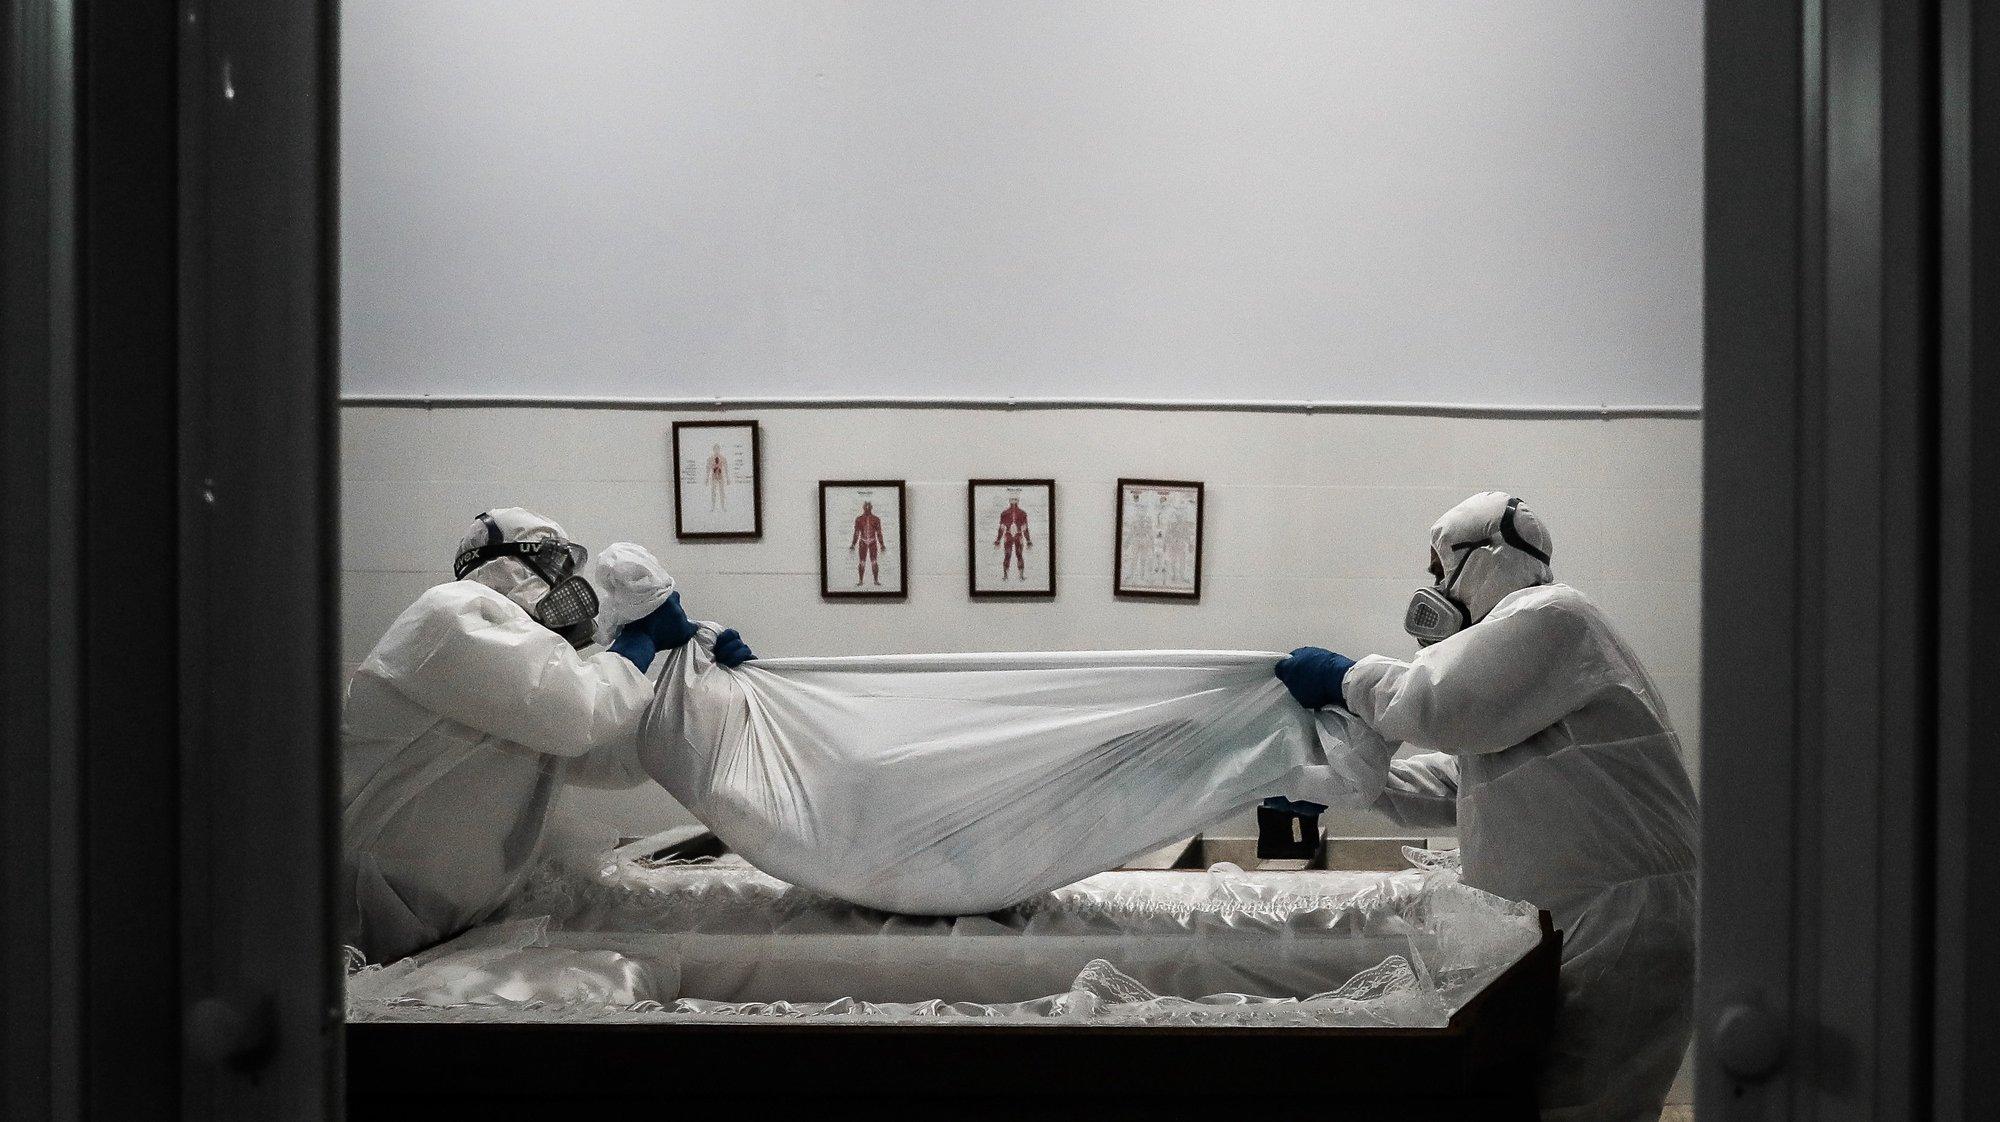 (04/23) Funcionários de uma agência funerária seguram o corpo de uma mulher vítima de covid-19, na Amadora, 29 de janeiro de 2021. Esta semana Portugal ultrapassou as 300 mortes diárias por covid-19, um novo máximo desde o início da pandemia. (ACOMPANHA TEXTO DA LUSA DO DIA 30 DE JANEIRO DE 2021). MÁRIO CRUZ/LUSA